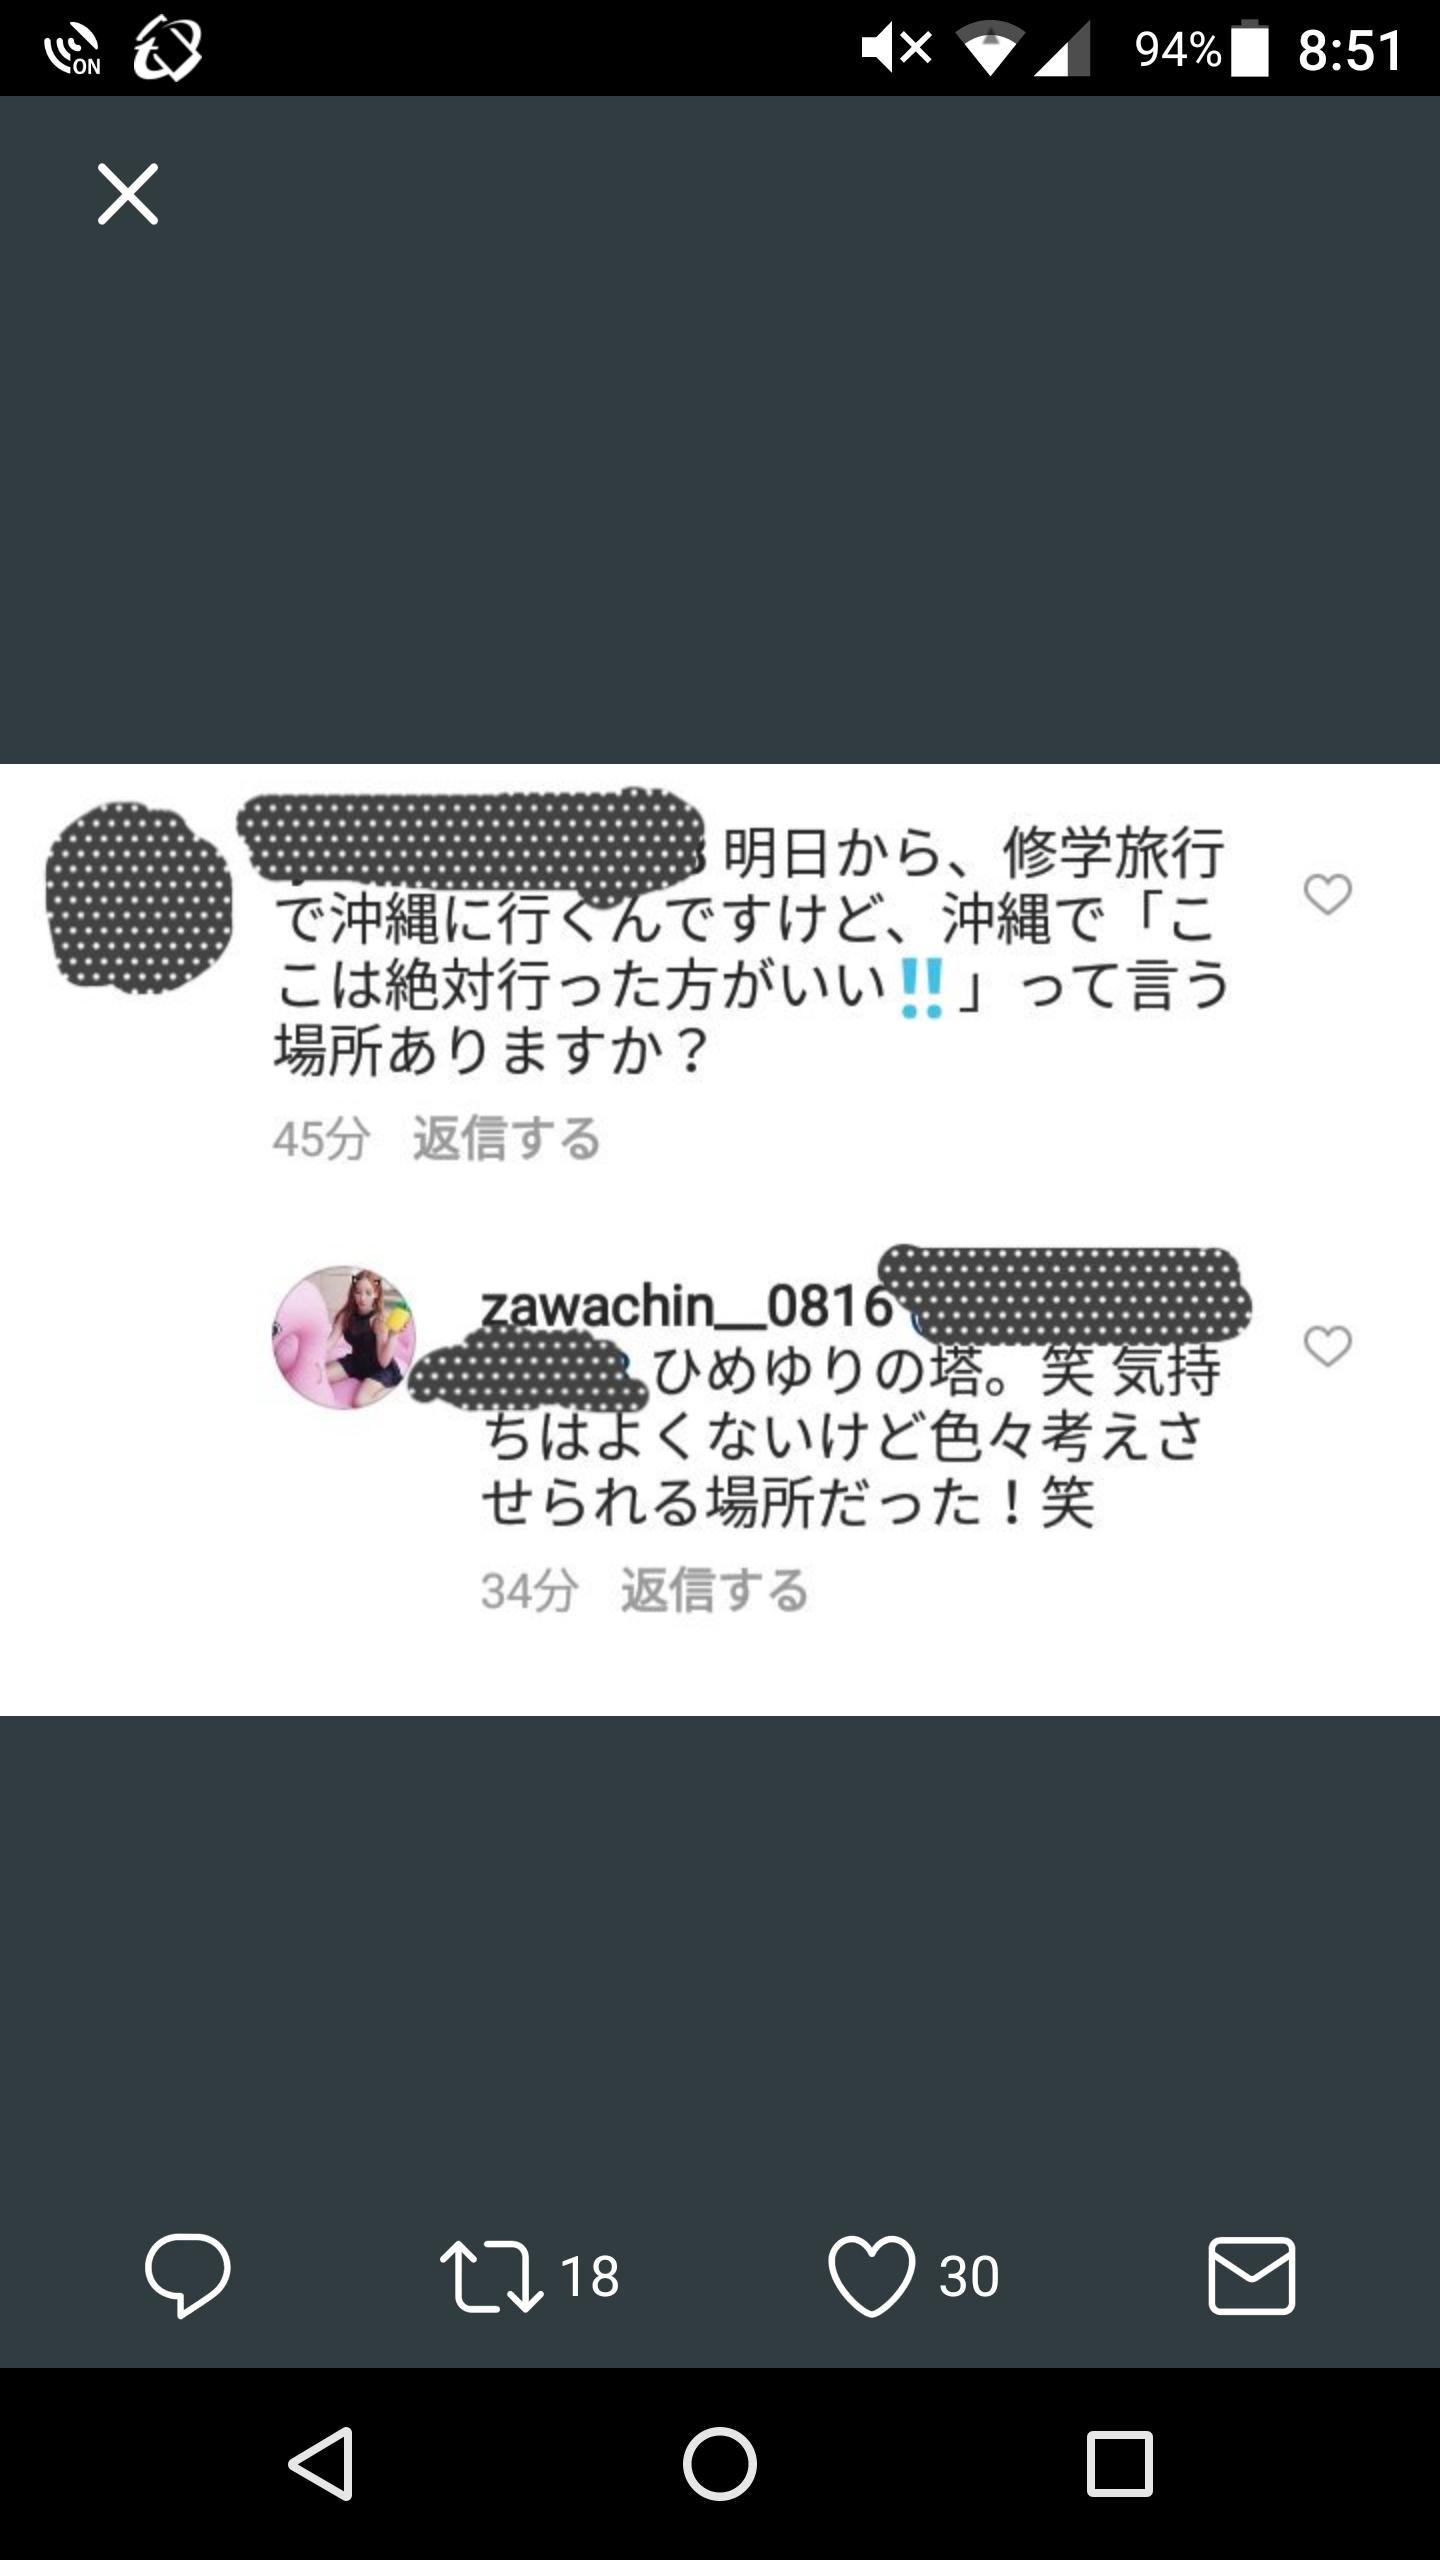 イラッとする(笑)の使い方!!